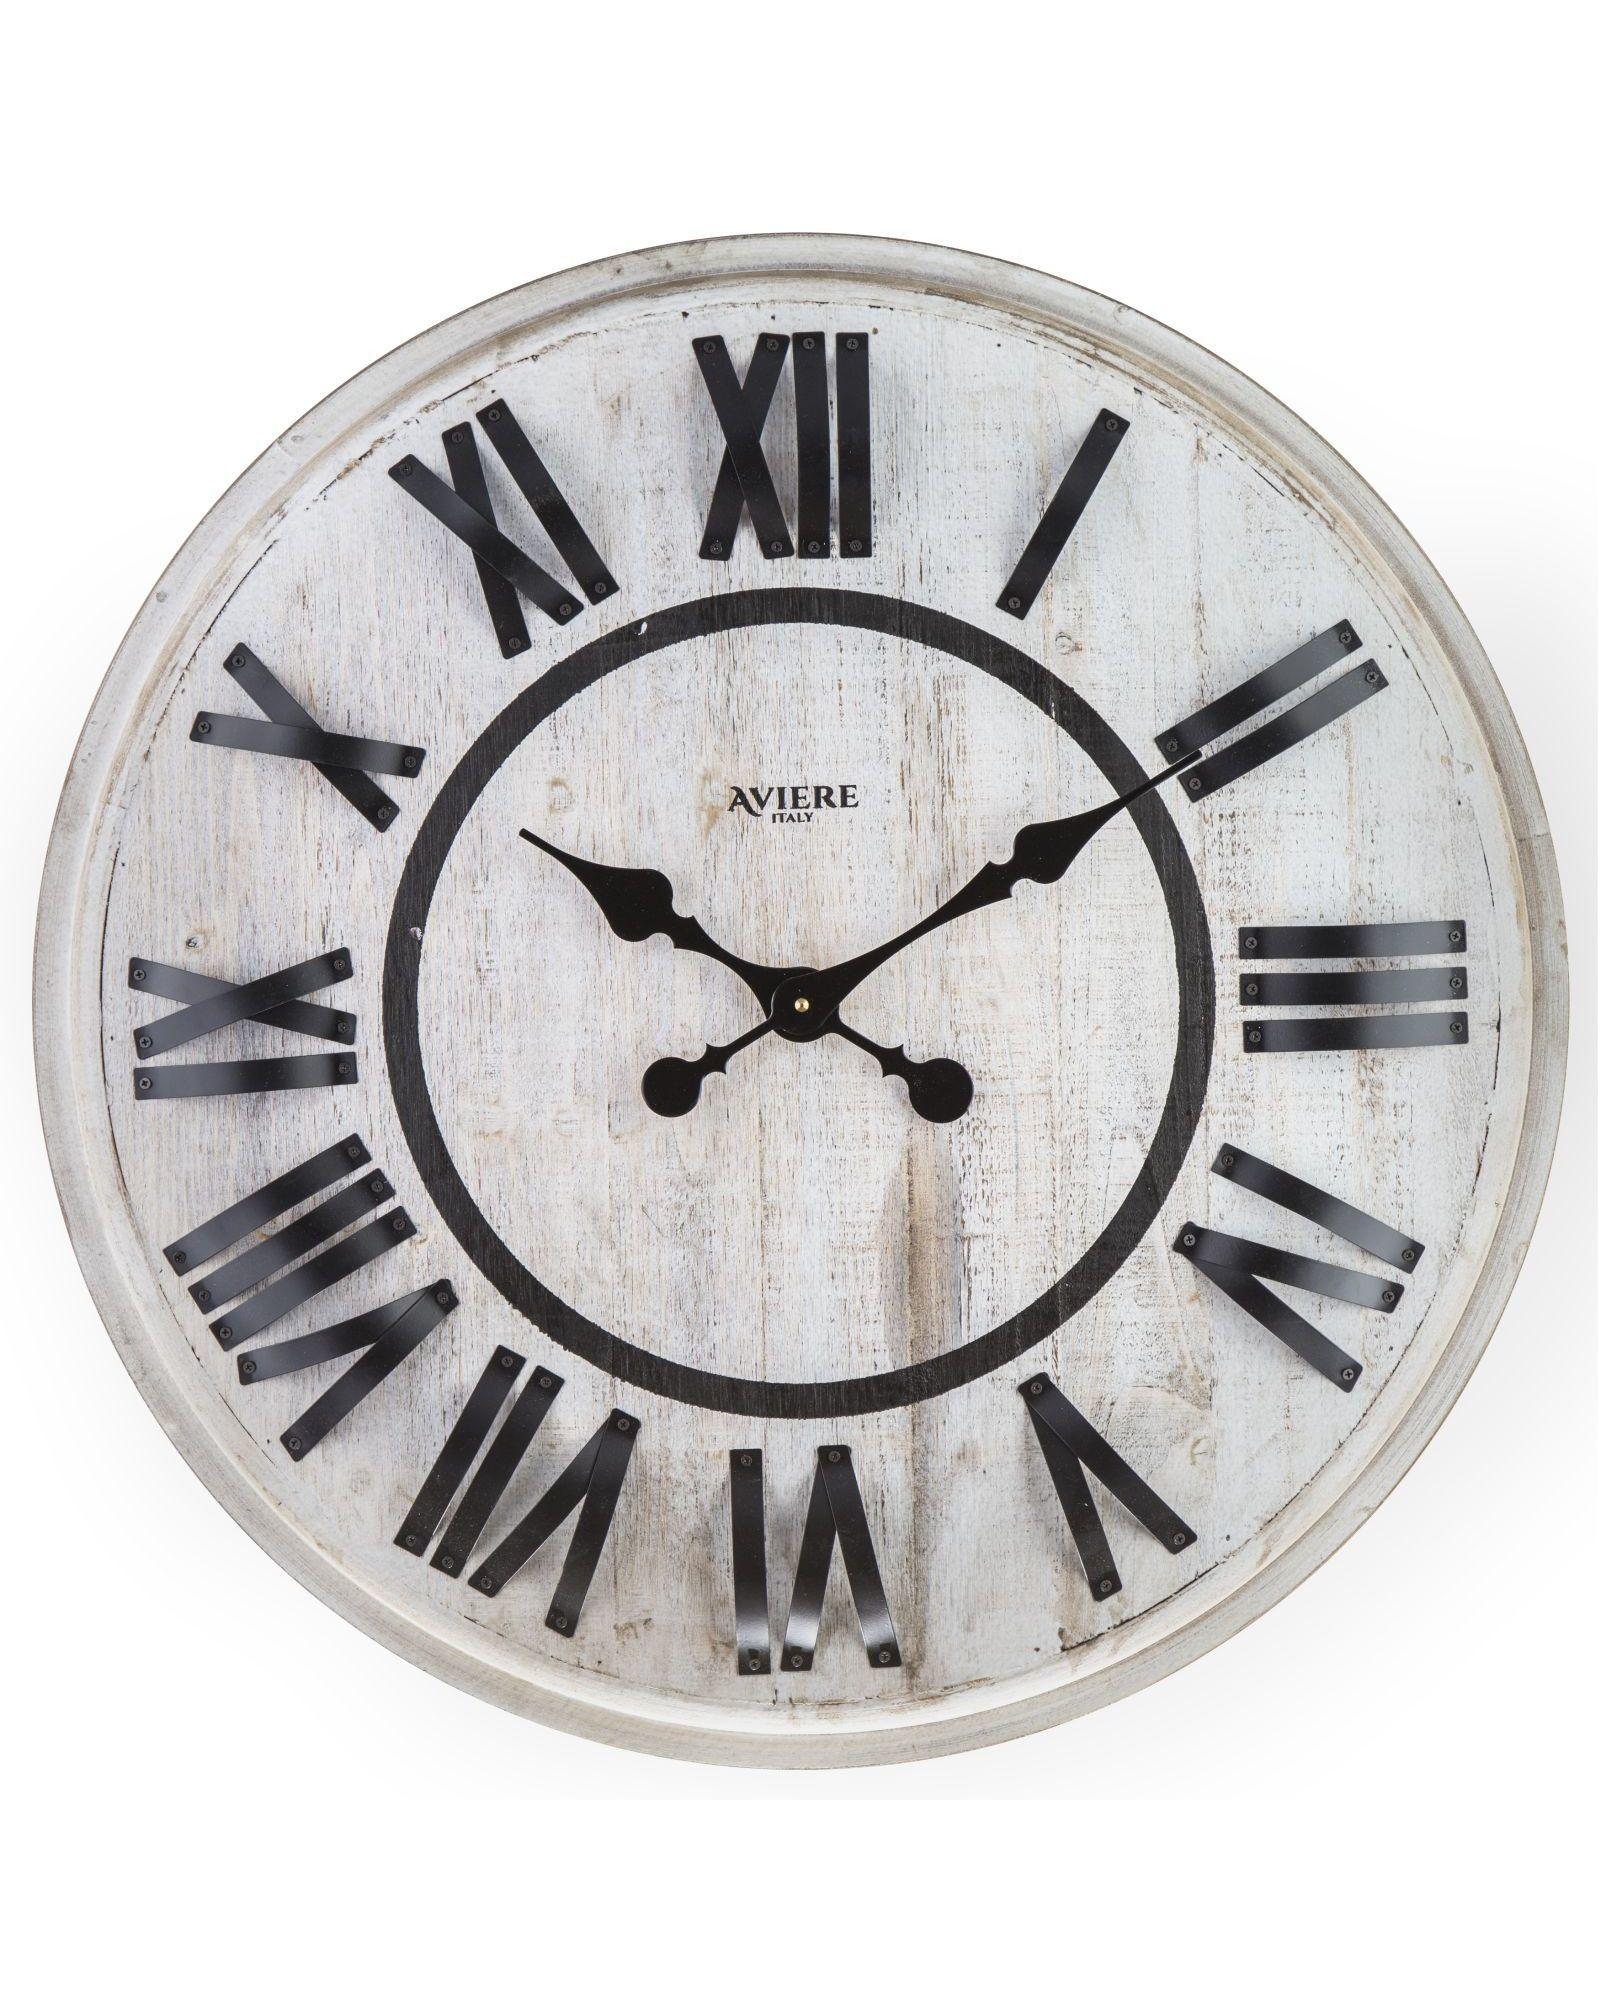 Часы настенные Часы настенные Aviere 25593 chasy-nastennye-aviere-25593-italiya.jpg